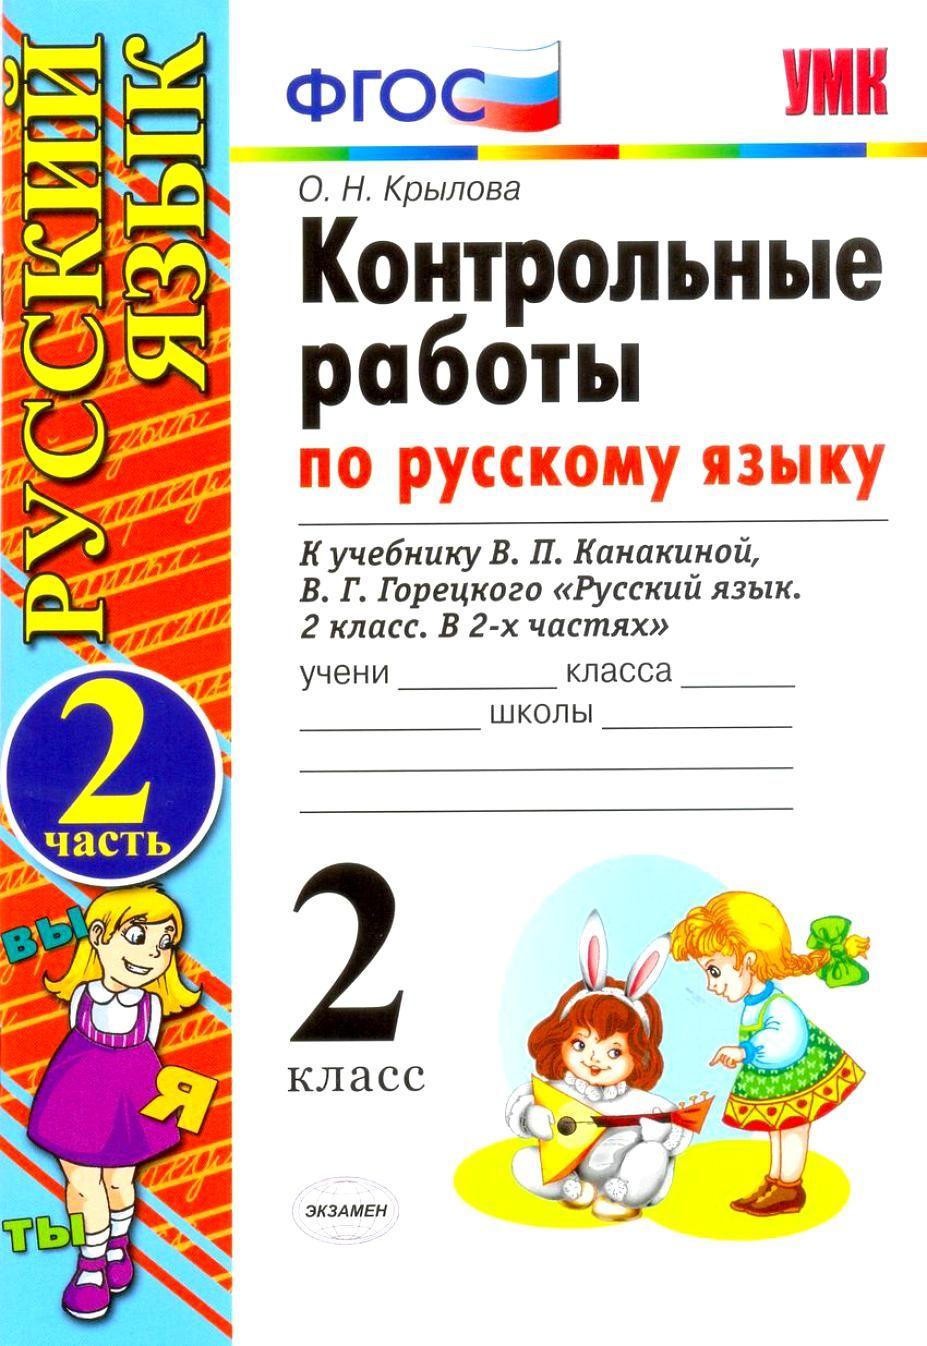 Гдз по природоведению 6 класс ильченко без скачивания